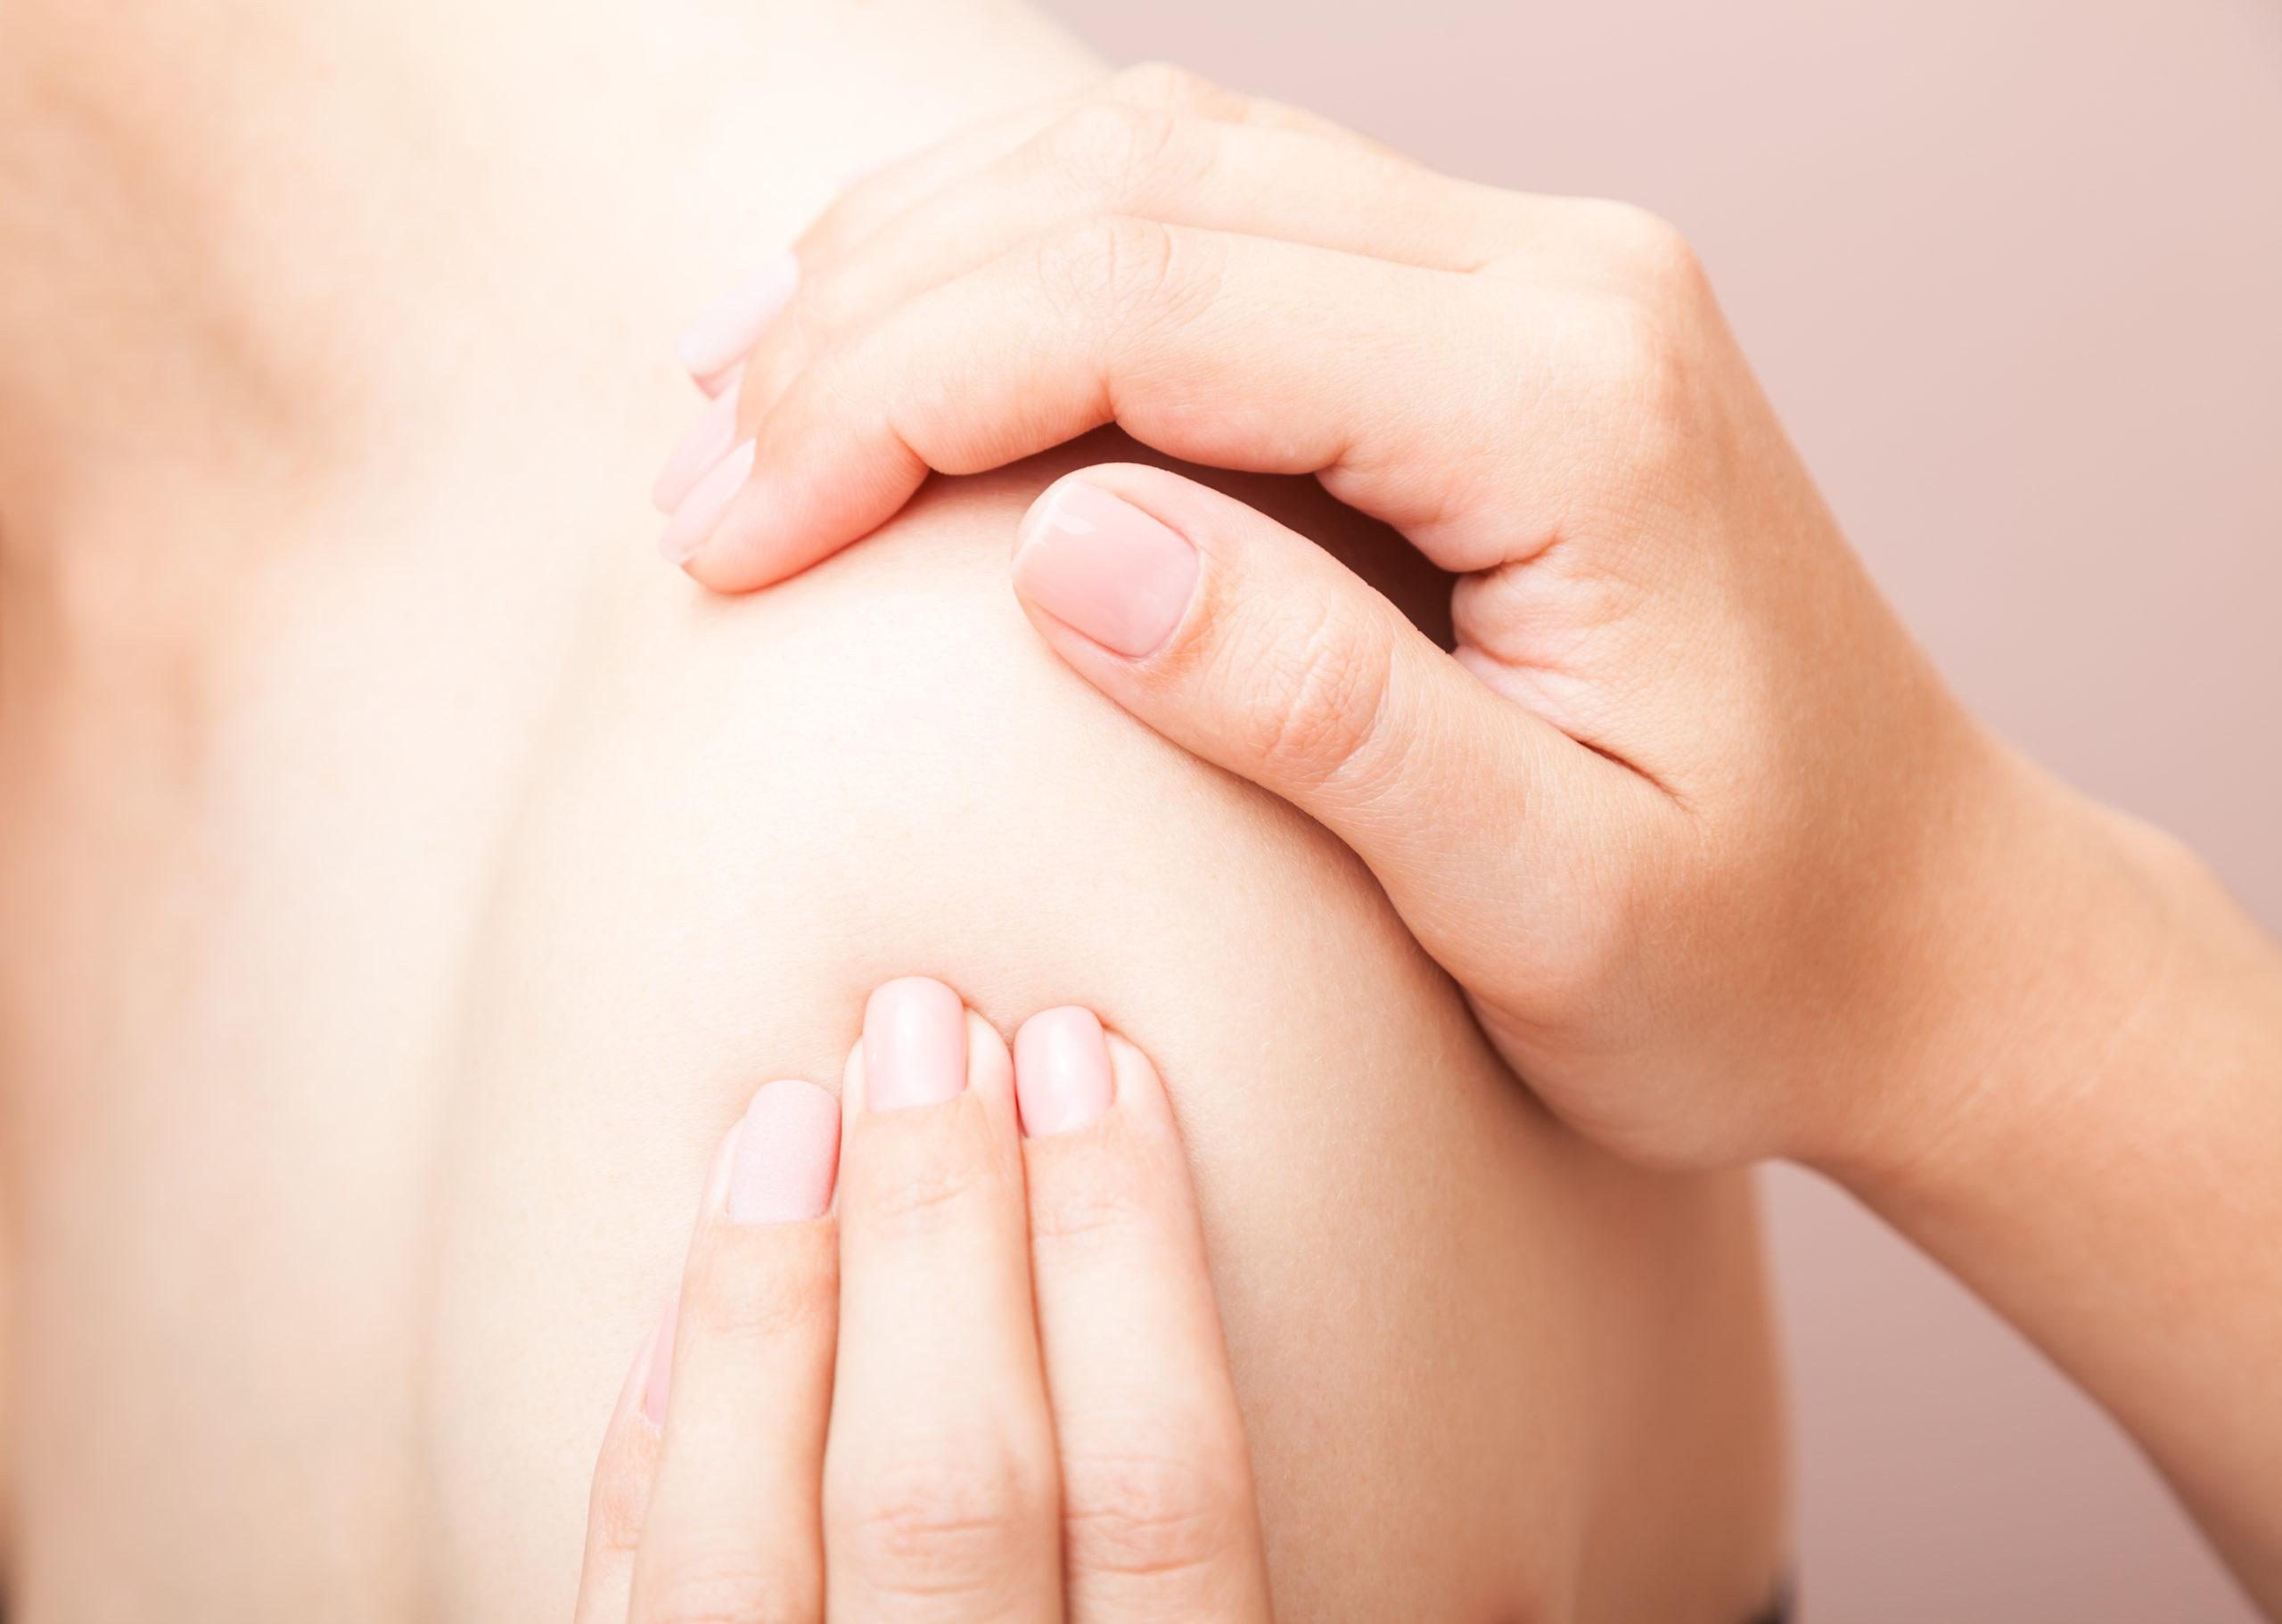 osteopathie myofasciale sciatique lumbago